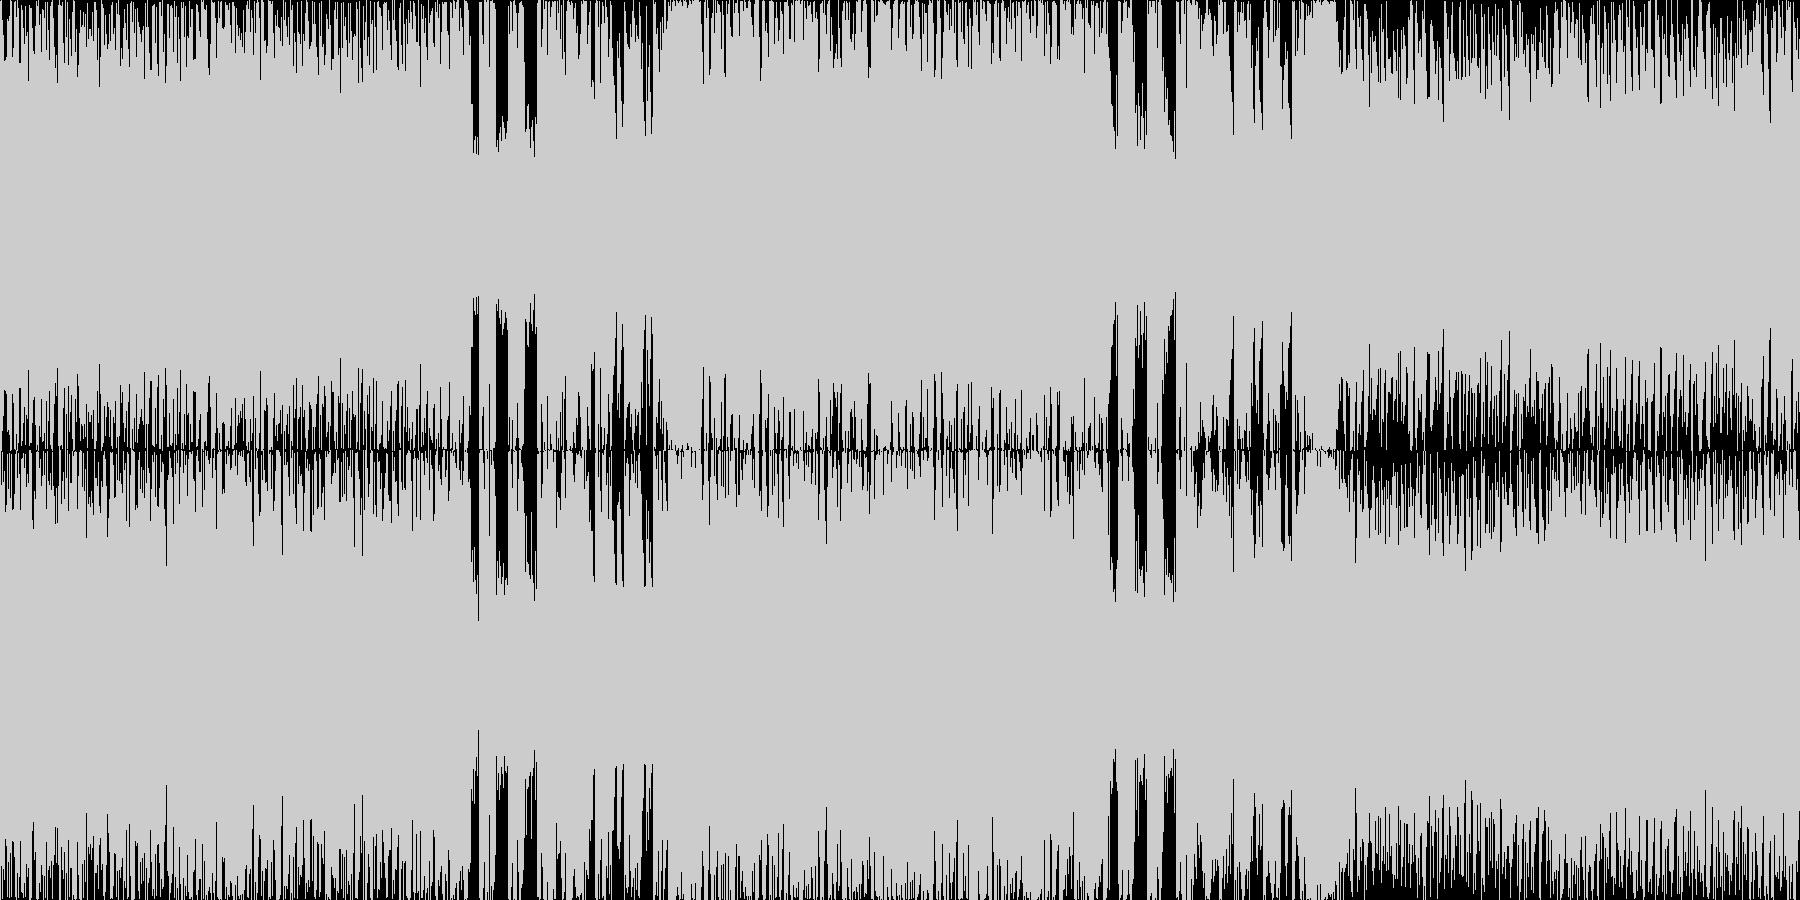 サイバー・ハードコア、癖になるループ素材の未再生の波形